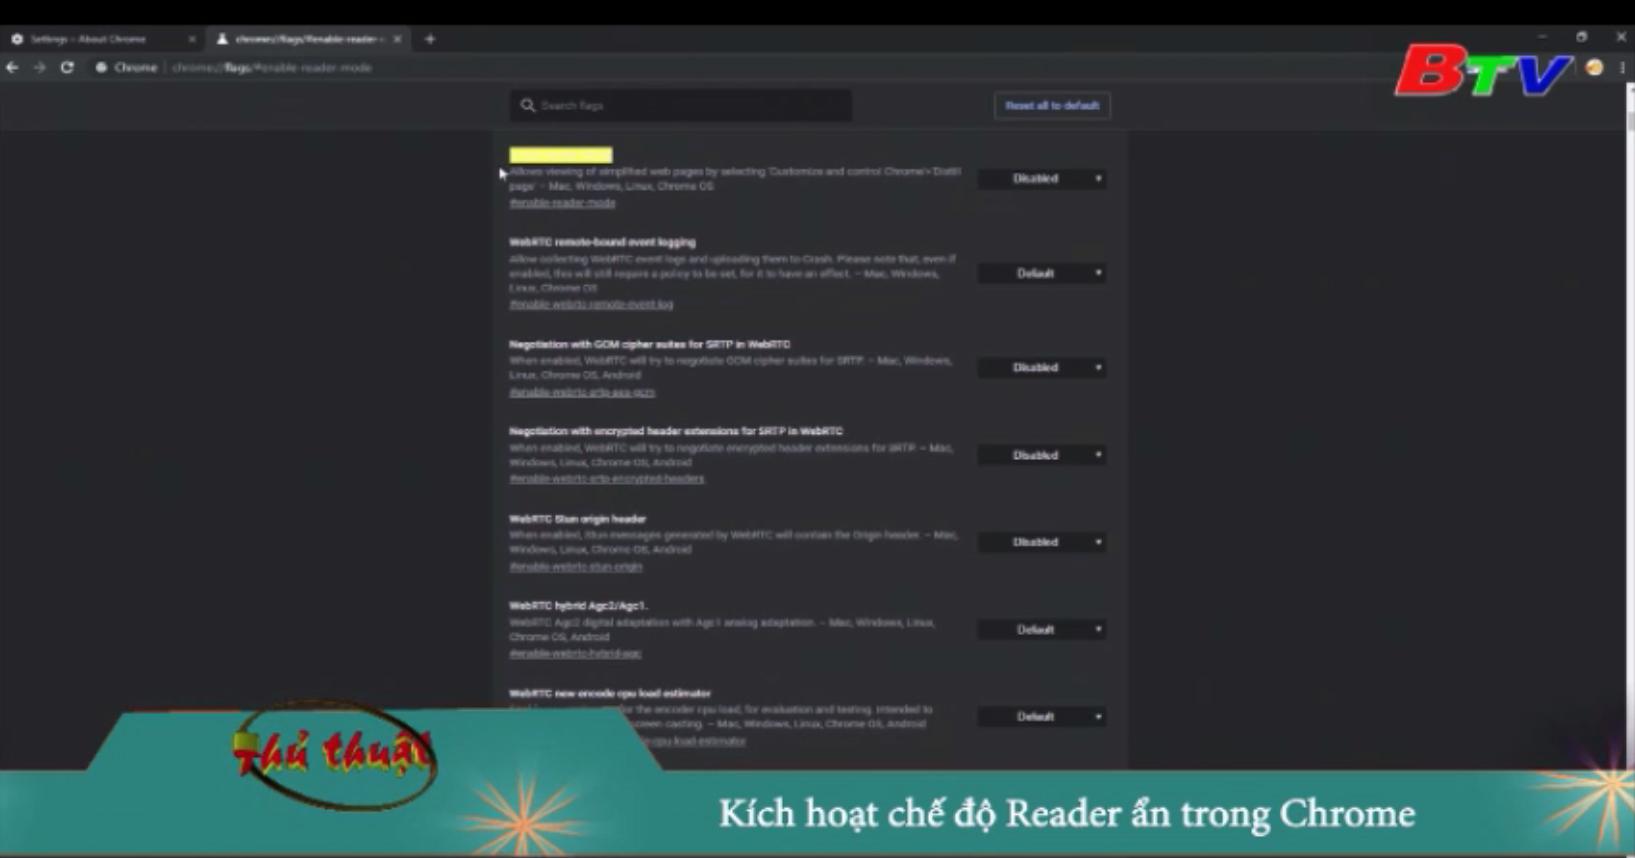 Kích hoạt chế độ Reader ẩn trong Chrome